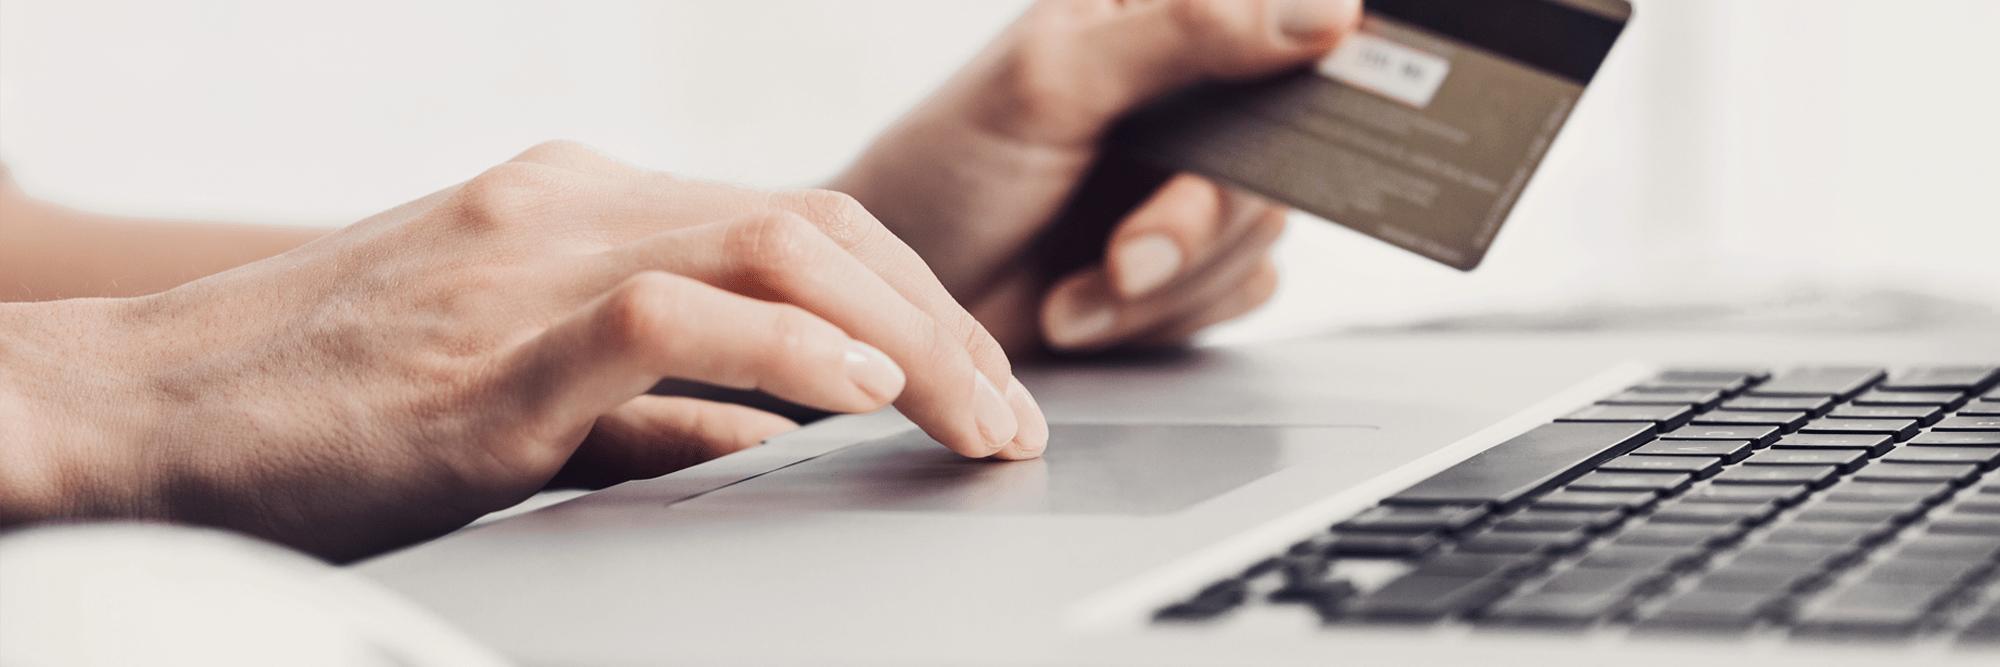 Wenn Sie MacNulis kaufen möchten, können Sie diesen Vorgang sehr leicht an Ihrem Mac abschließen. Einfach die gewünschte Anzahl an Lizenzen festlegen, Bezahlmethode eingeben und den Lizenzerwerb abschließne. Sie erhlaten sofort im Anschluss die notwendigen Freischaltcods sowie einen Link zum Download Ihrer Rechnung.